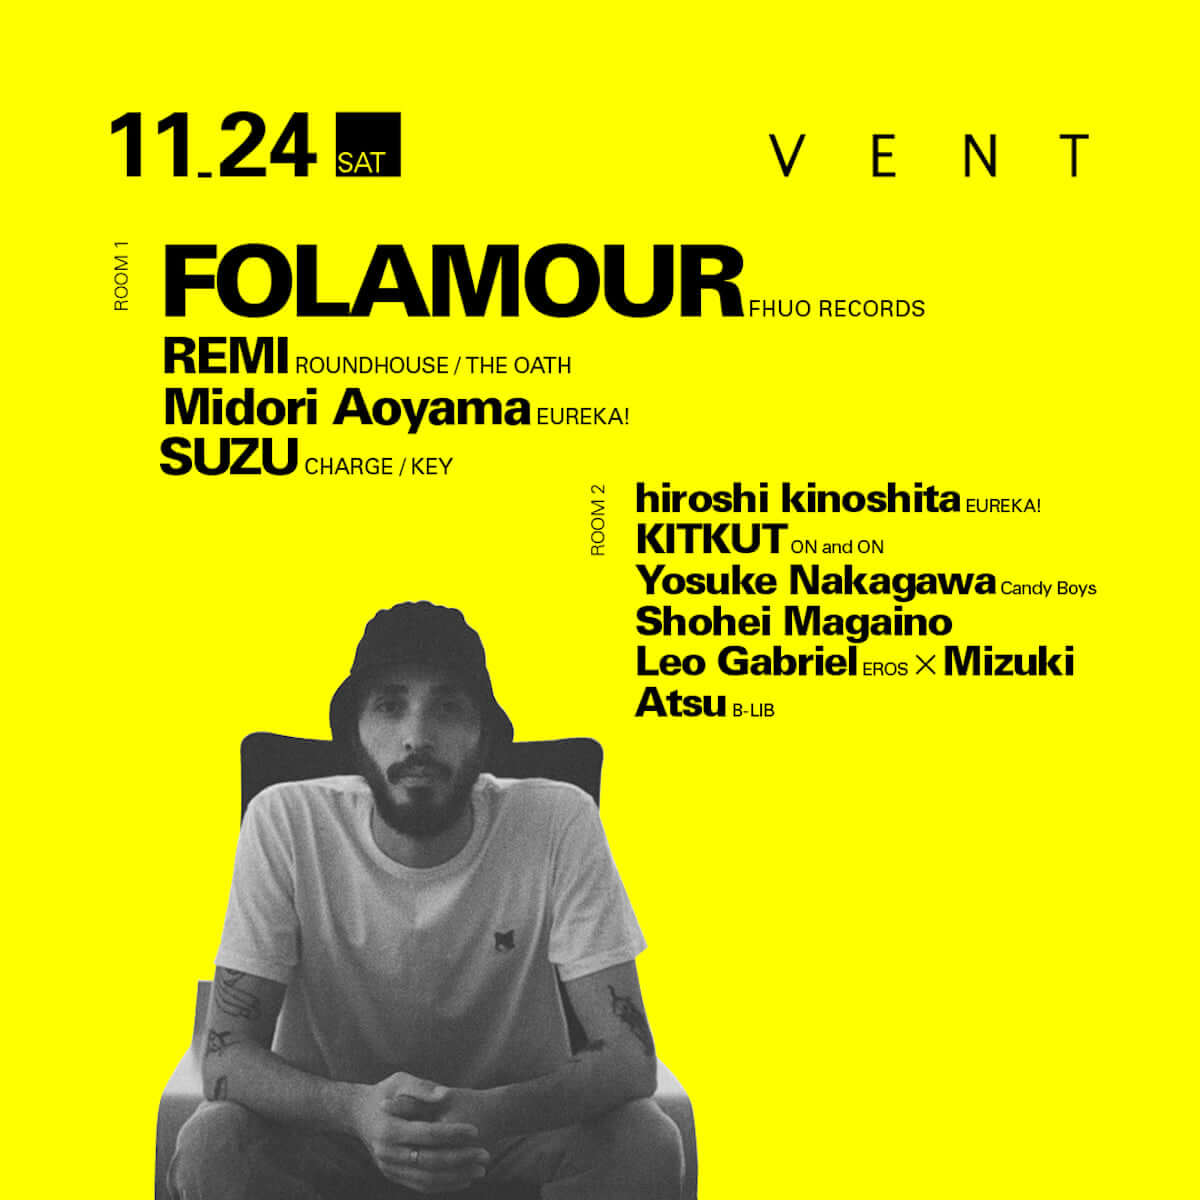 ジャズやソウルのエッセンスをディープ・ハウス・シーンに昇華する世紀の奇才DJプロデューサーFolamourがVENTに登場 music1107-vent-folamour-3-1200x1200